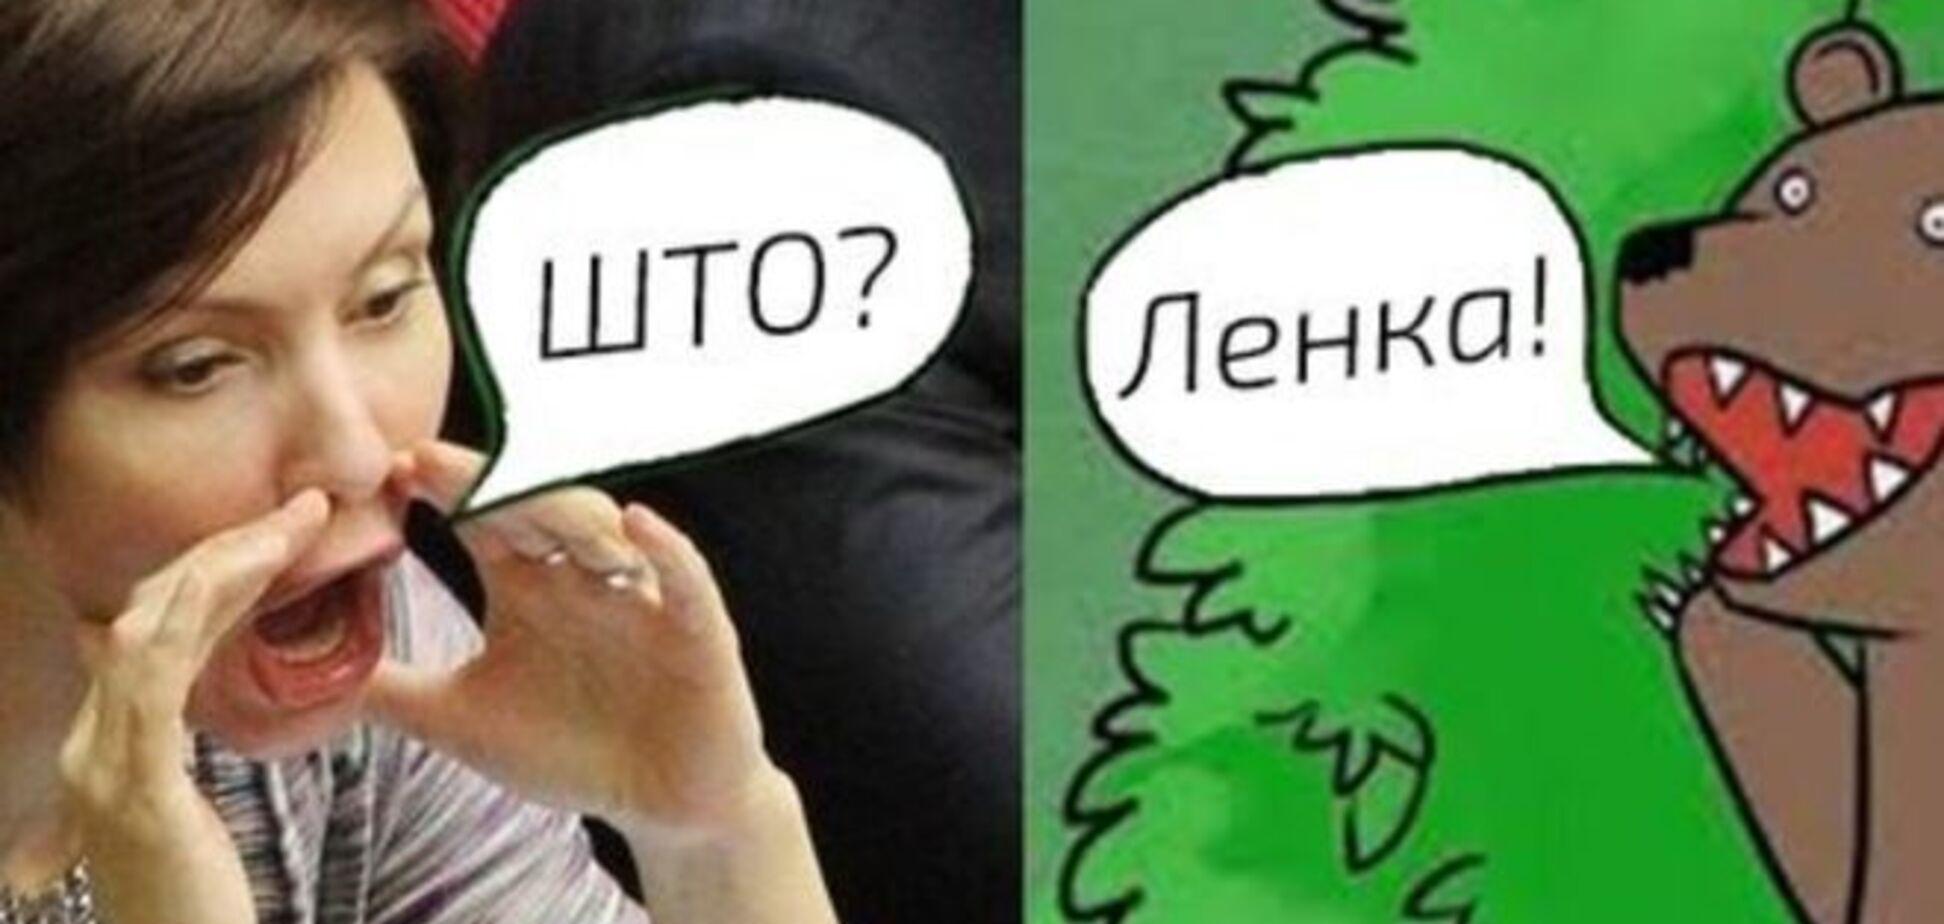 Одіозна 'регіоналка' Бондаренко збирає в соцмережах 'досьє' для ОБСЄ